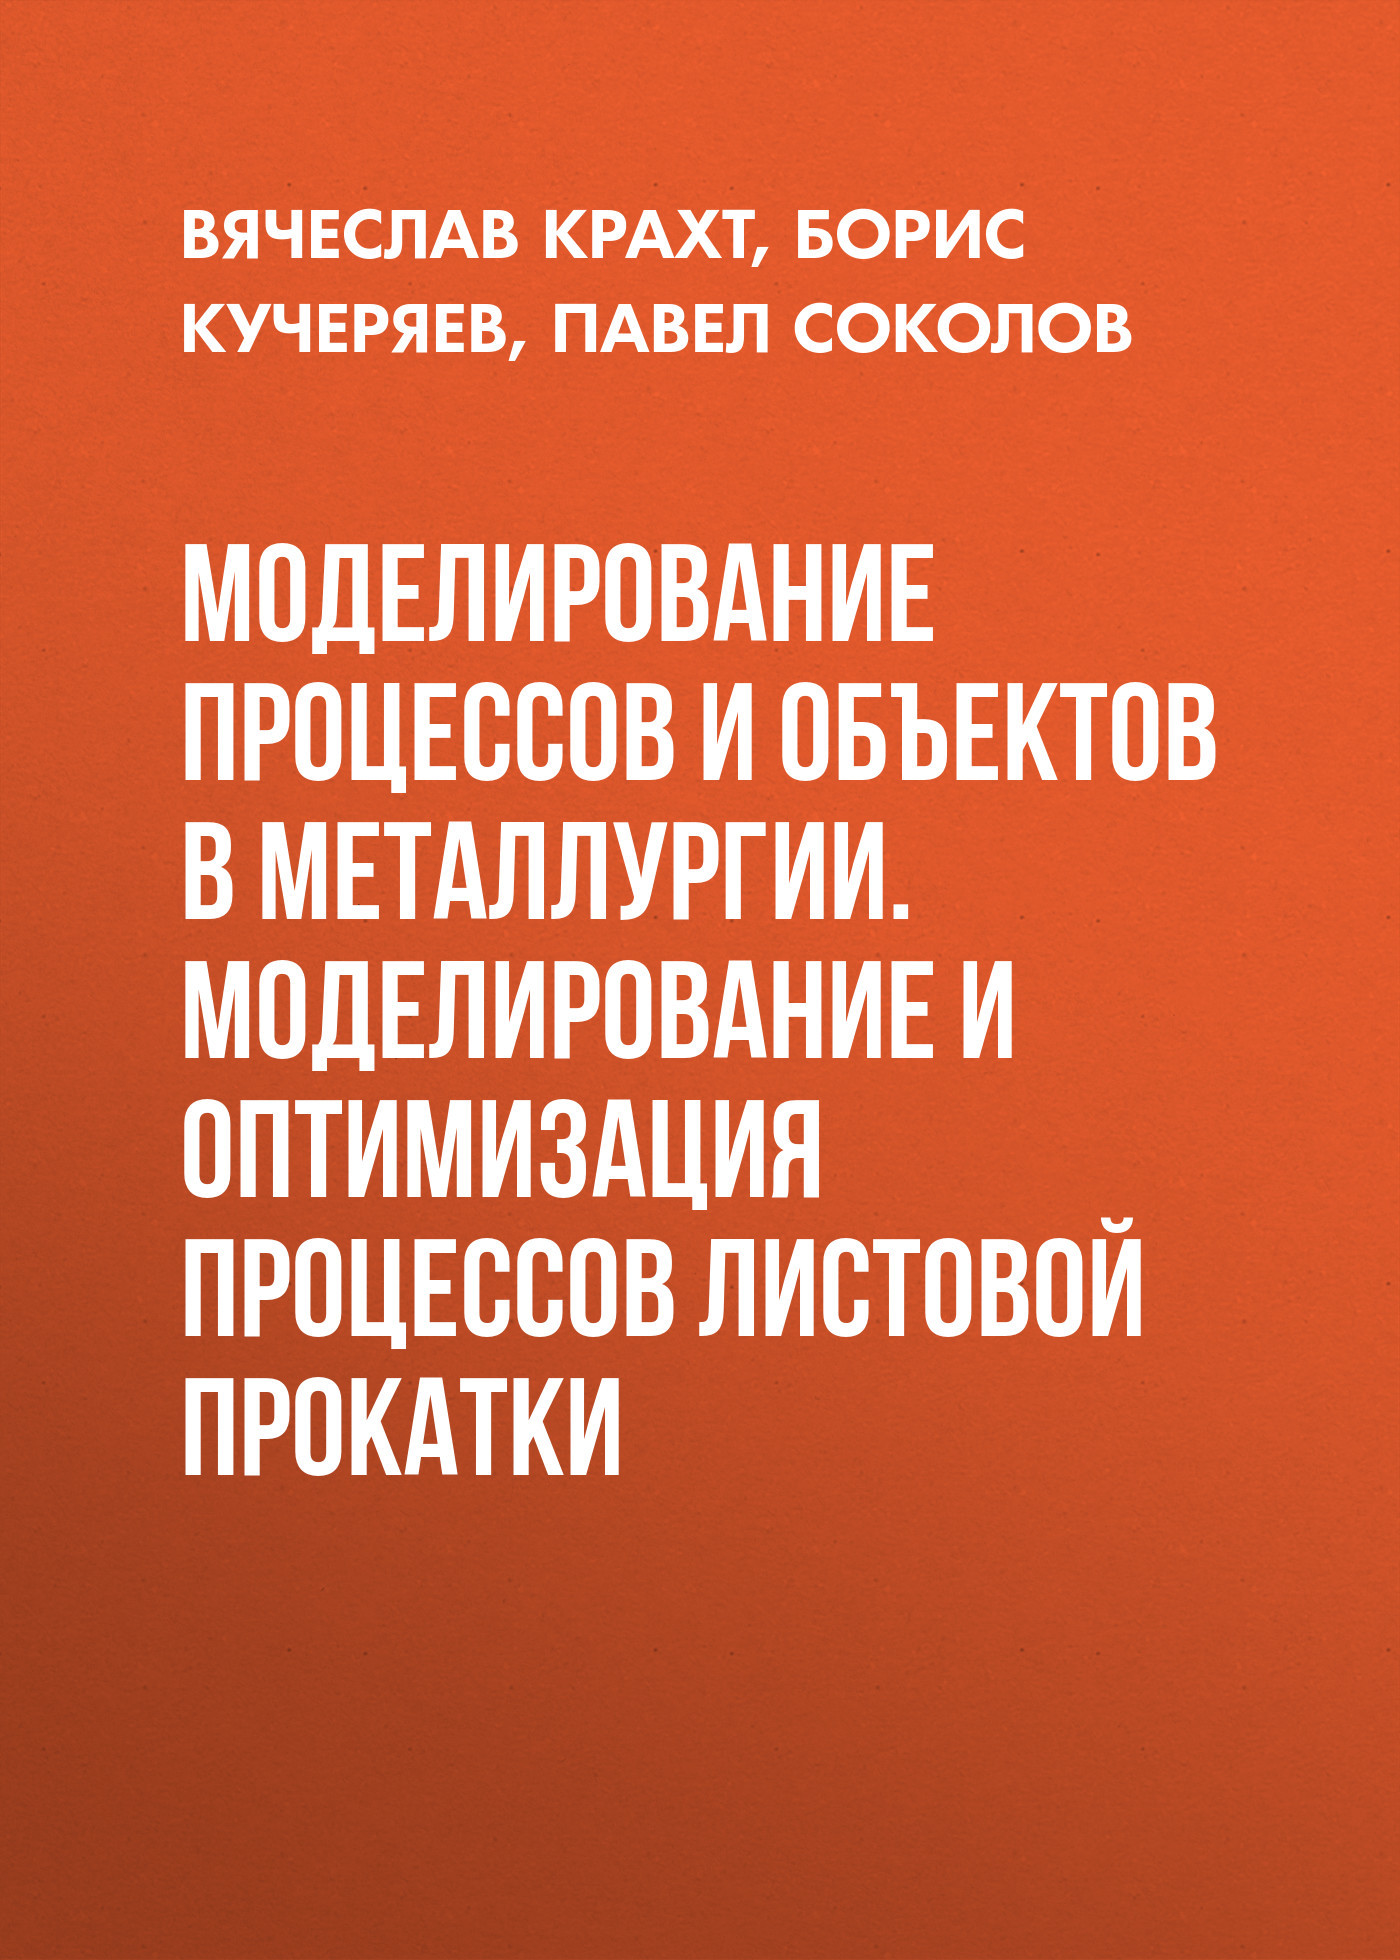 Борис Кучеряев Моделирование процессов и объектов в металлургии. Моделирование и оптимизация процессов листовой прокатки математическое моделирование процессов в машиностроении